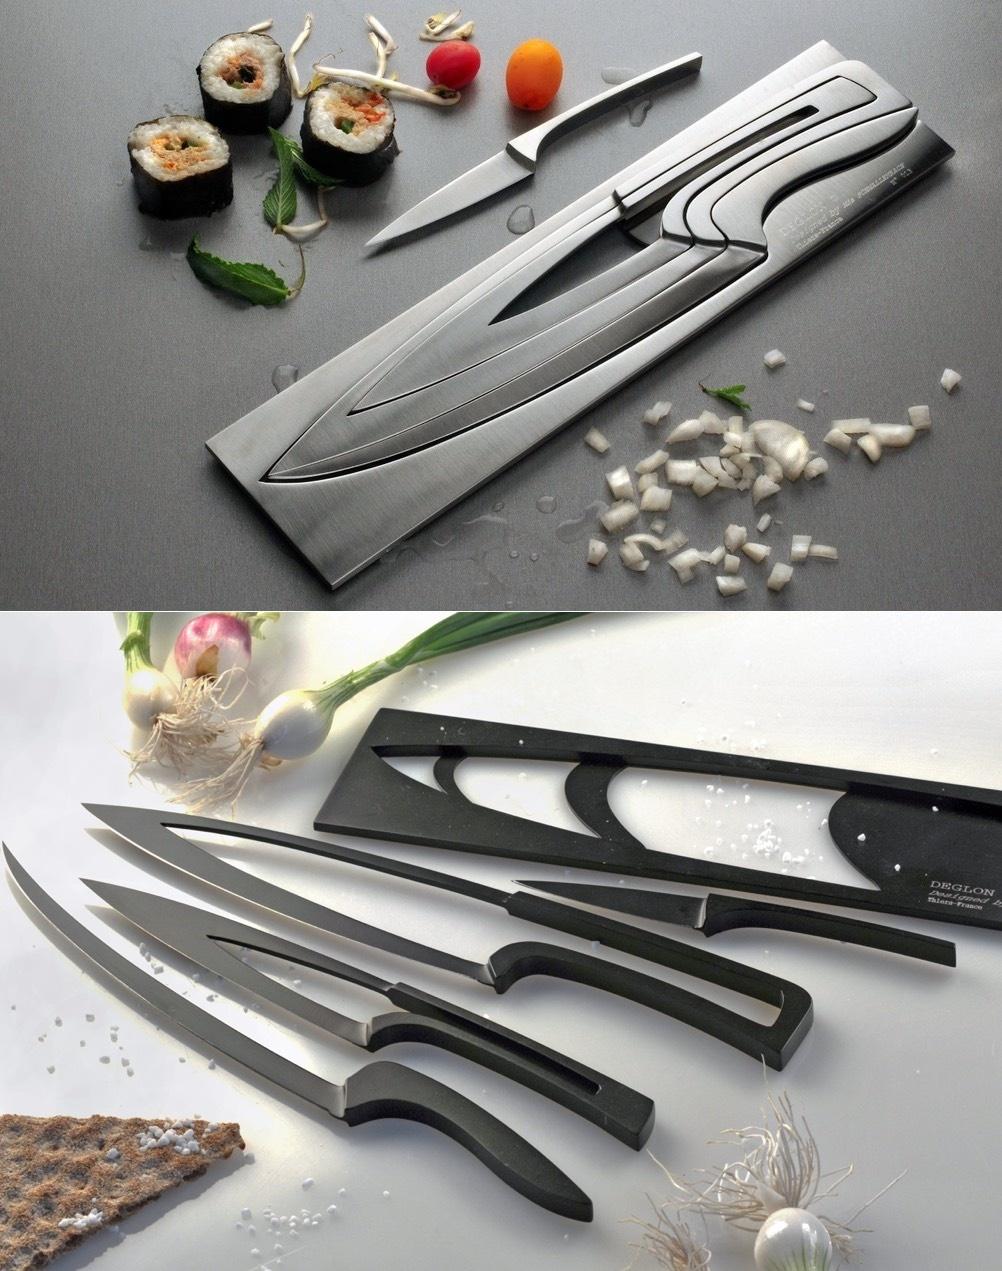 1_nesting-knives.